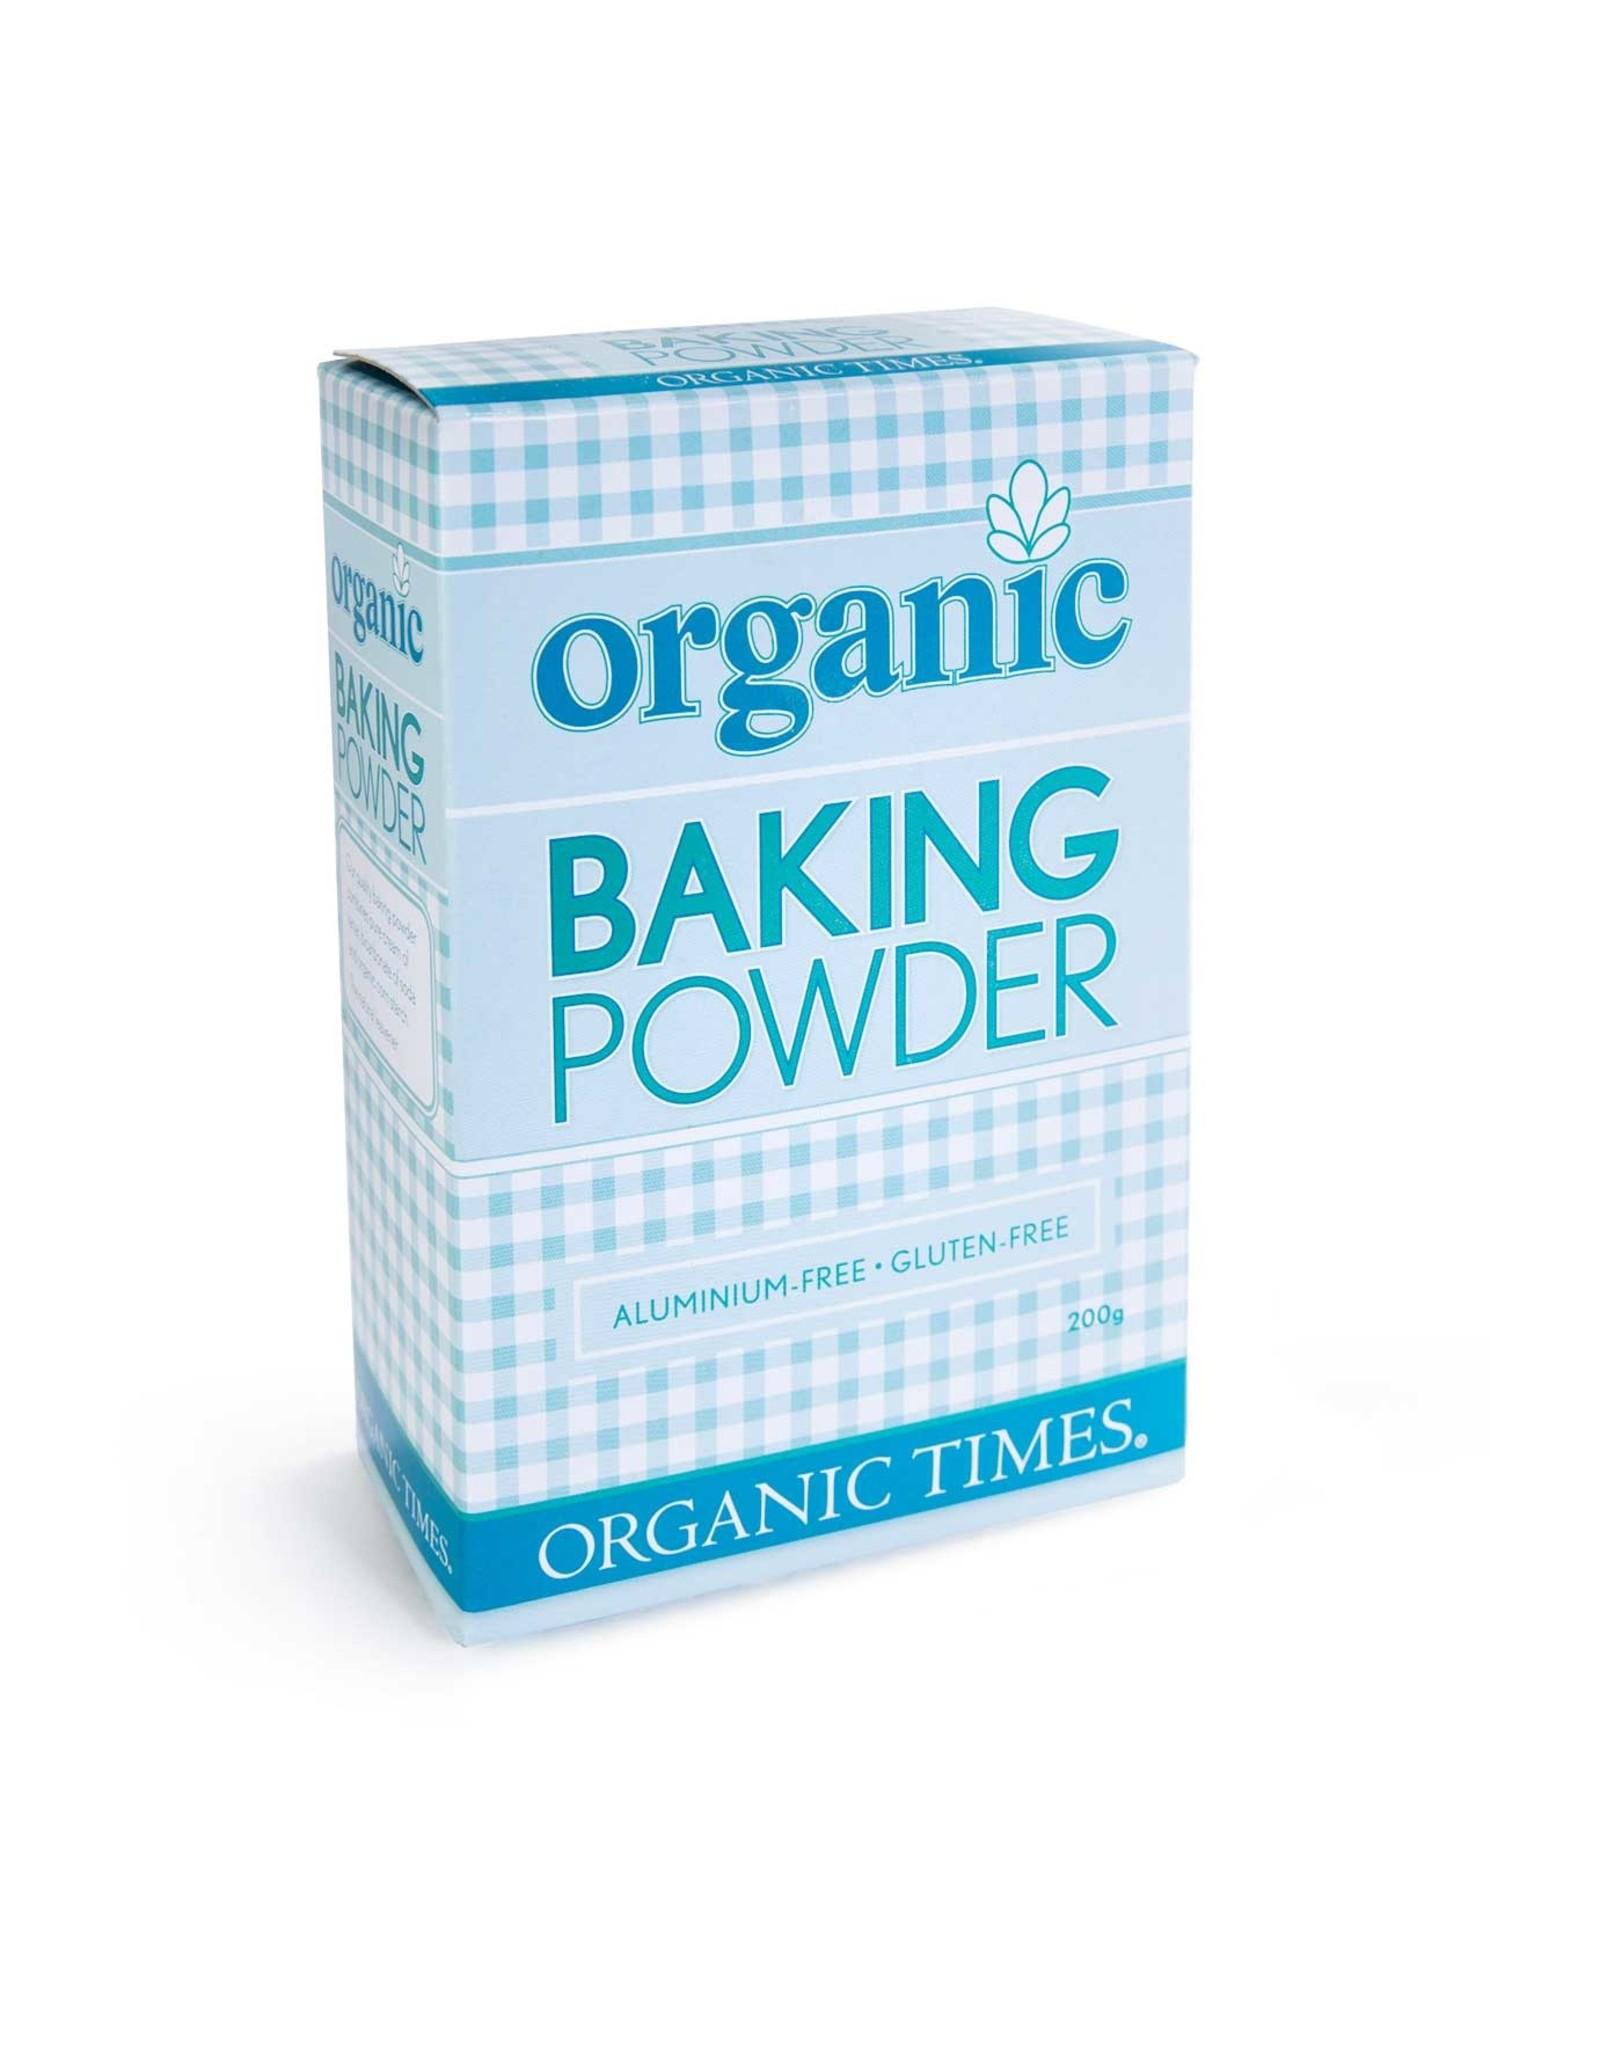 Organic Times Baking Powder - Organic - 200g